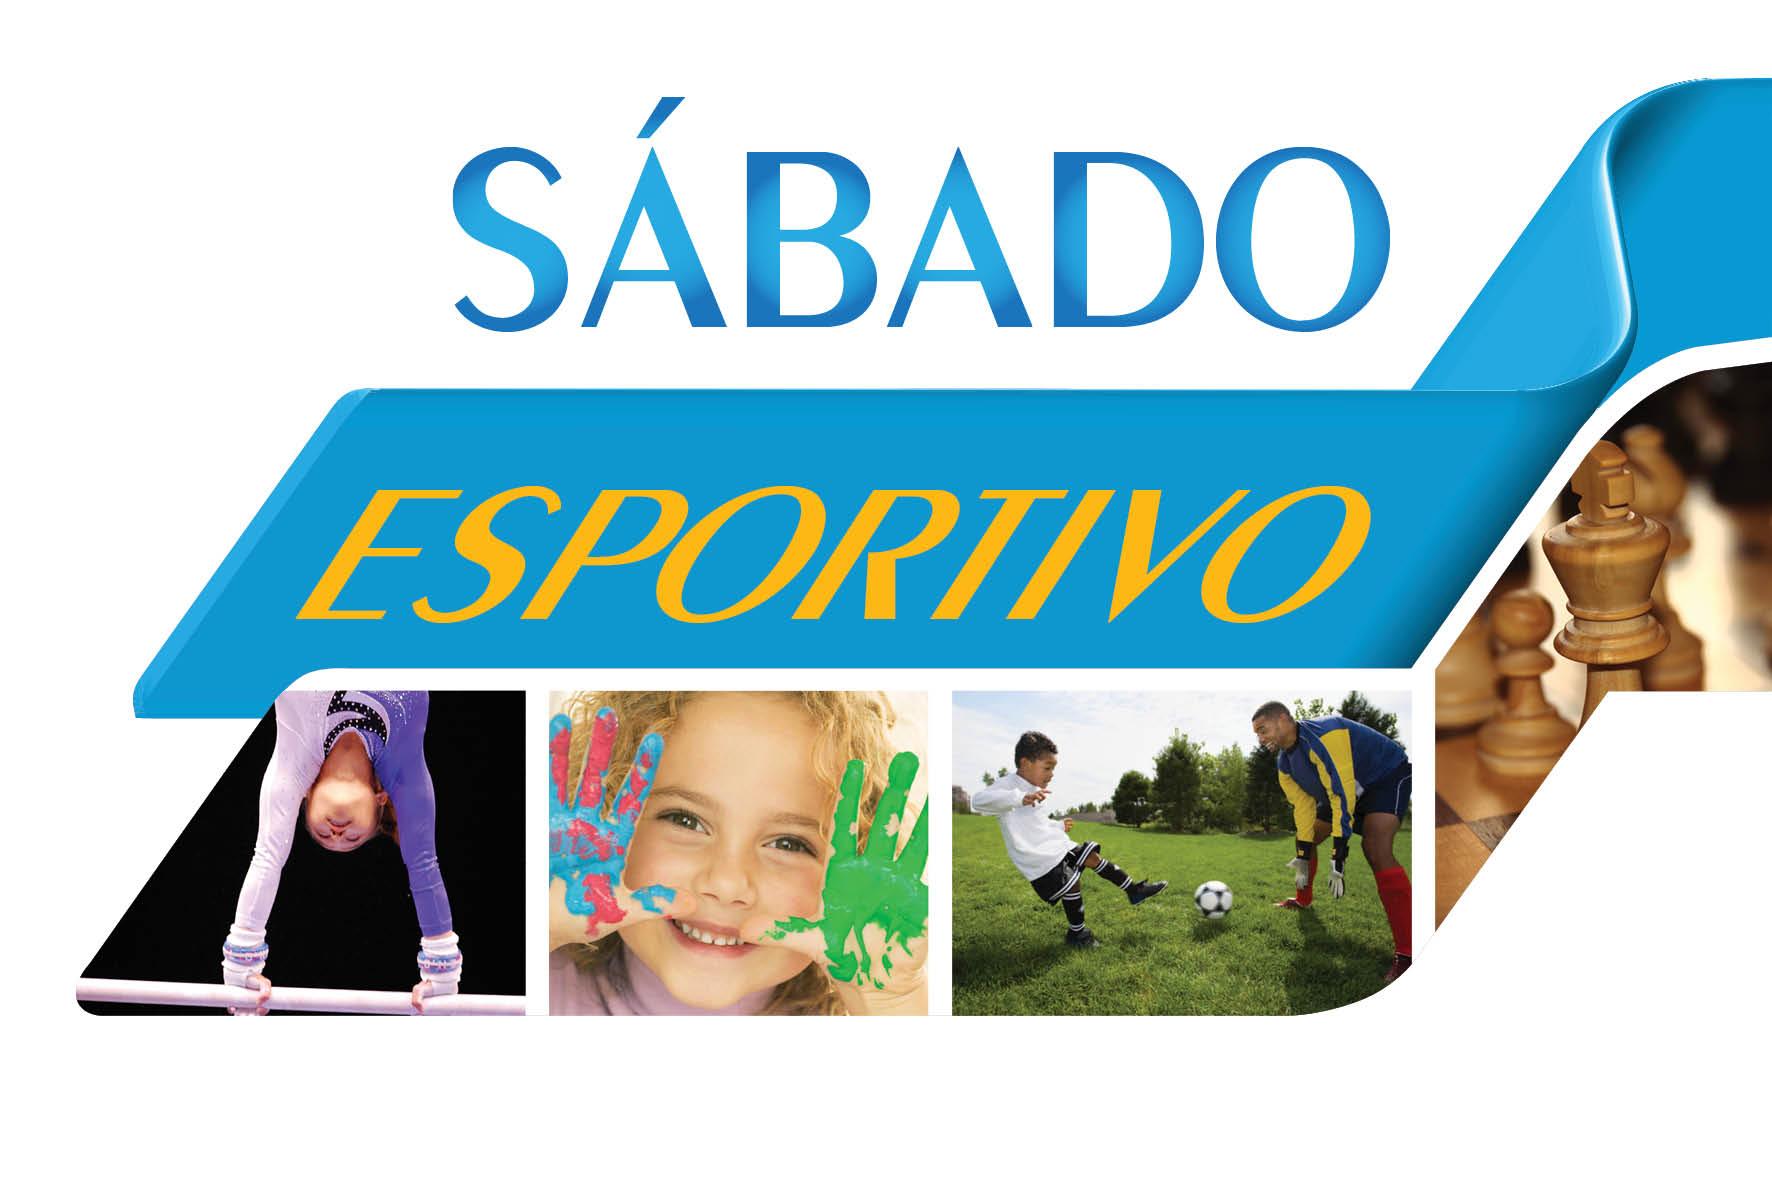 Campeonato de Judô e Sábado Esportivo!